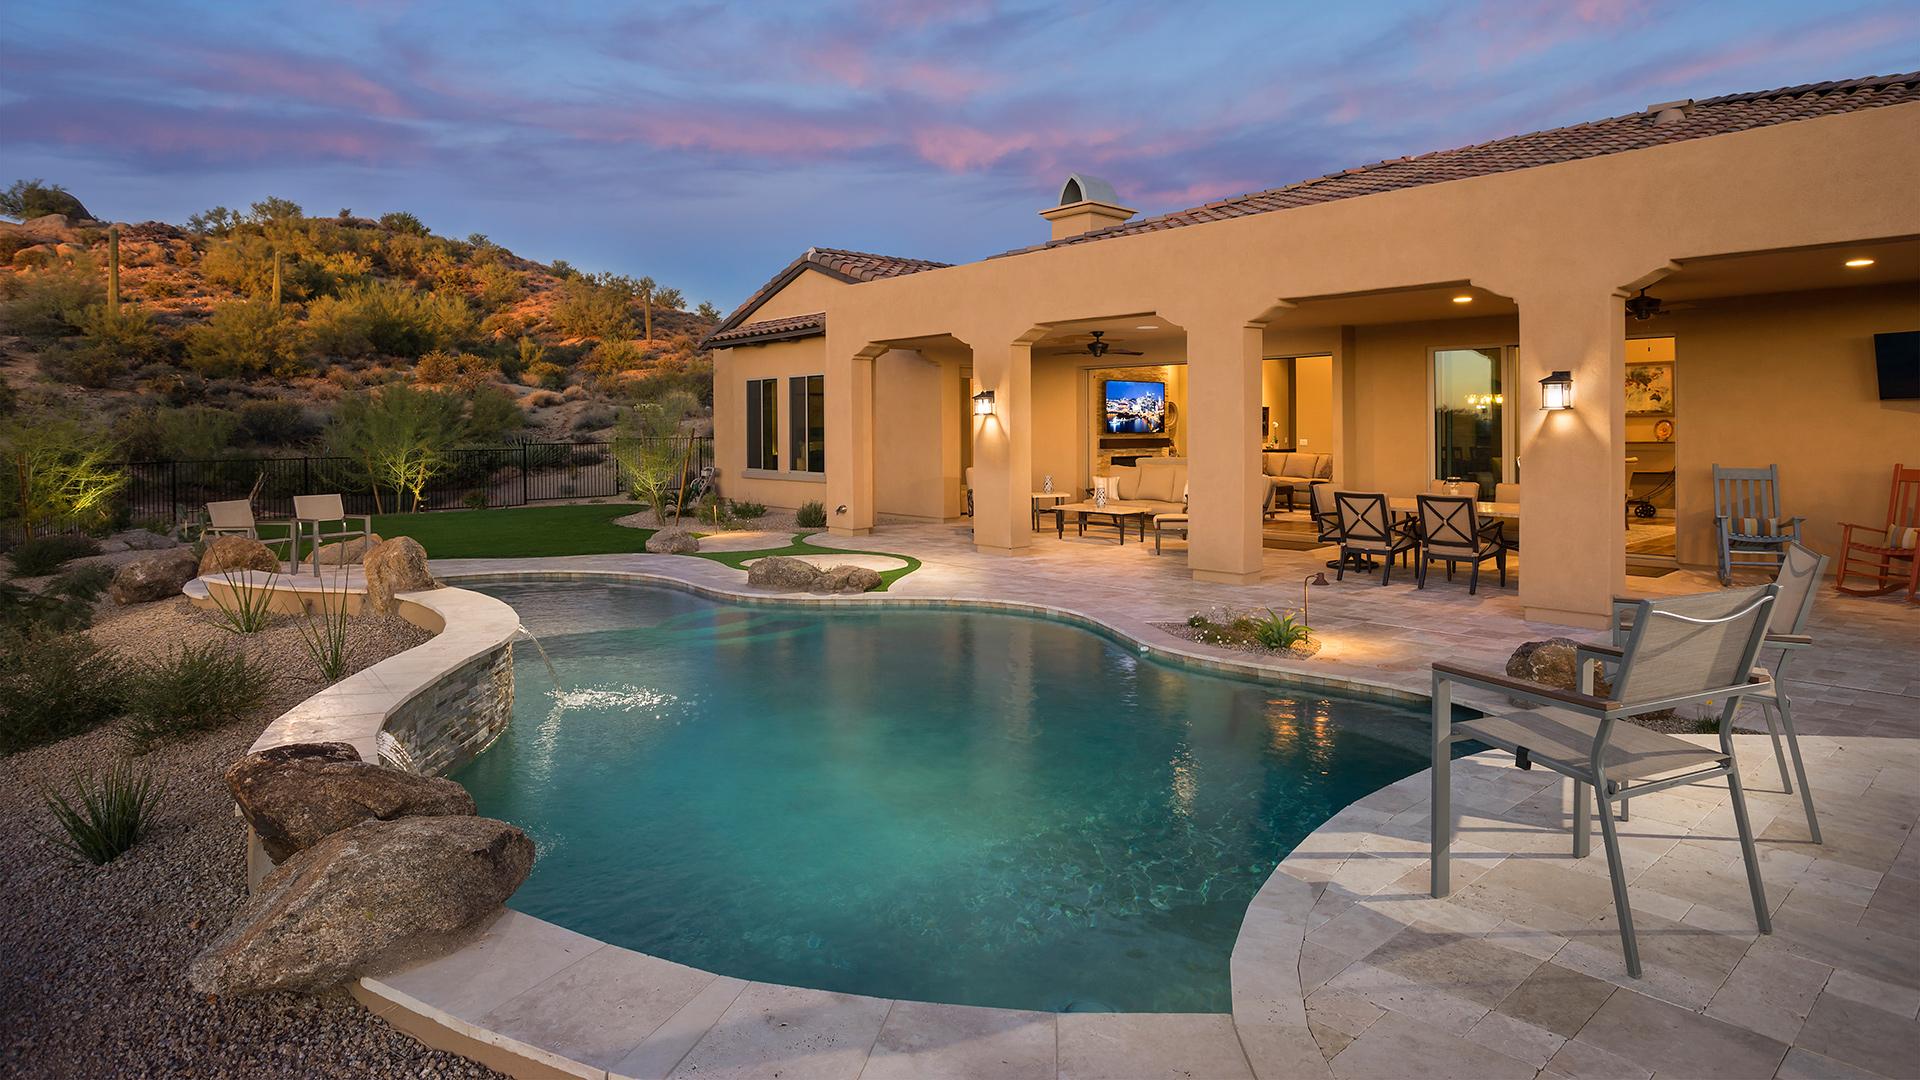 Talon ranch quick delivery home azure desert contemporary for Model home exterior photos